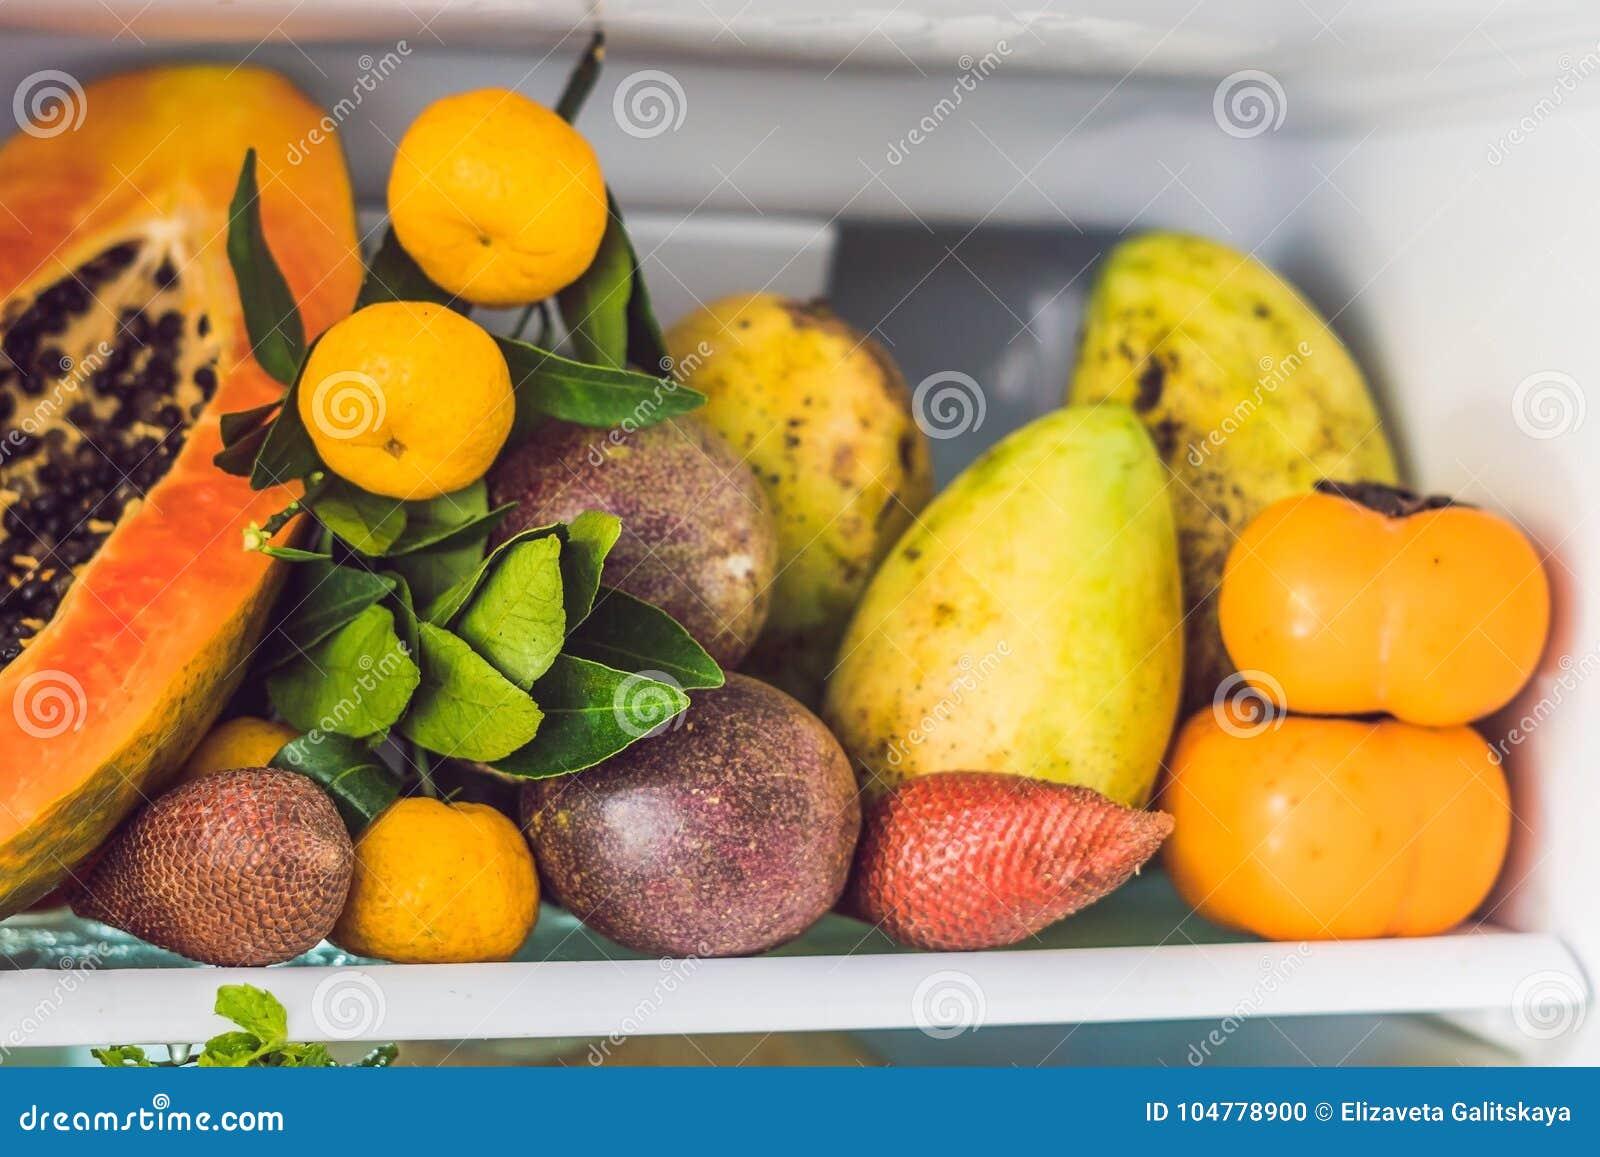 Раскройте холодильник заполненный с свежими фруктами и овощами, сырцовую концепцию еды, здоровую концепцию еды